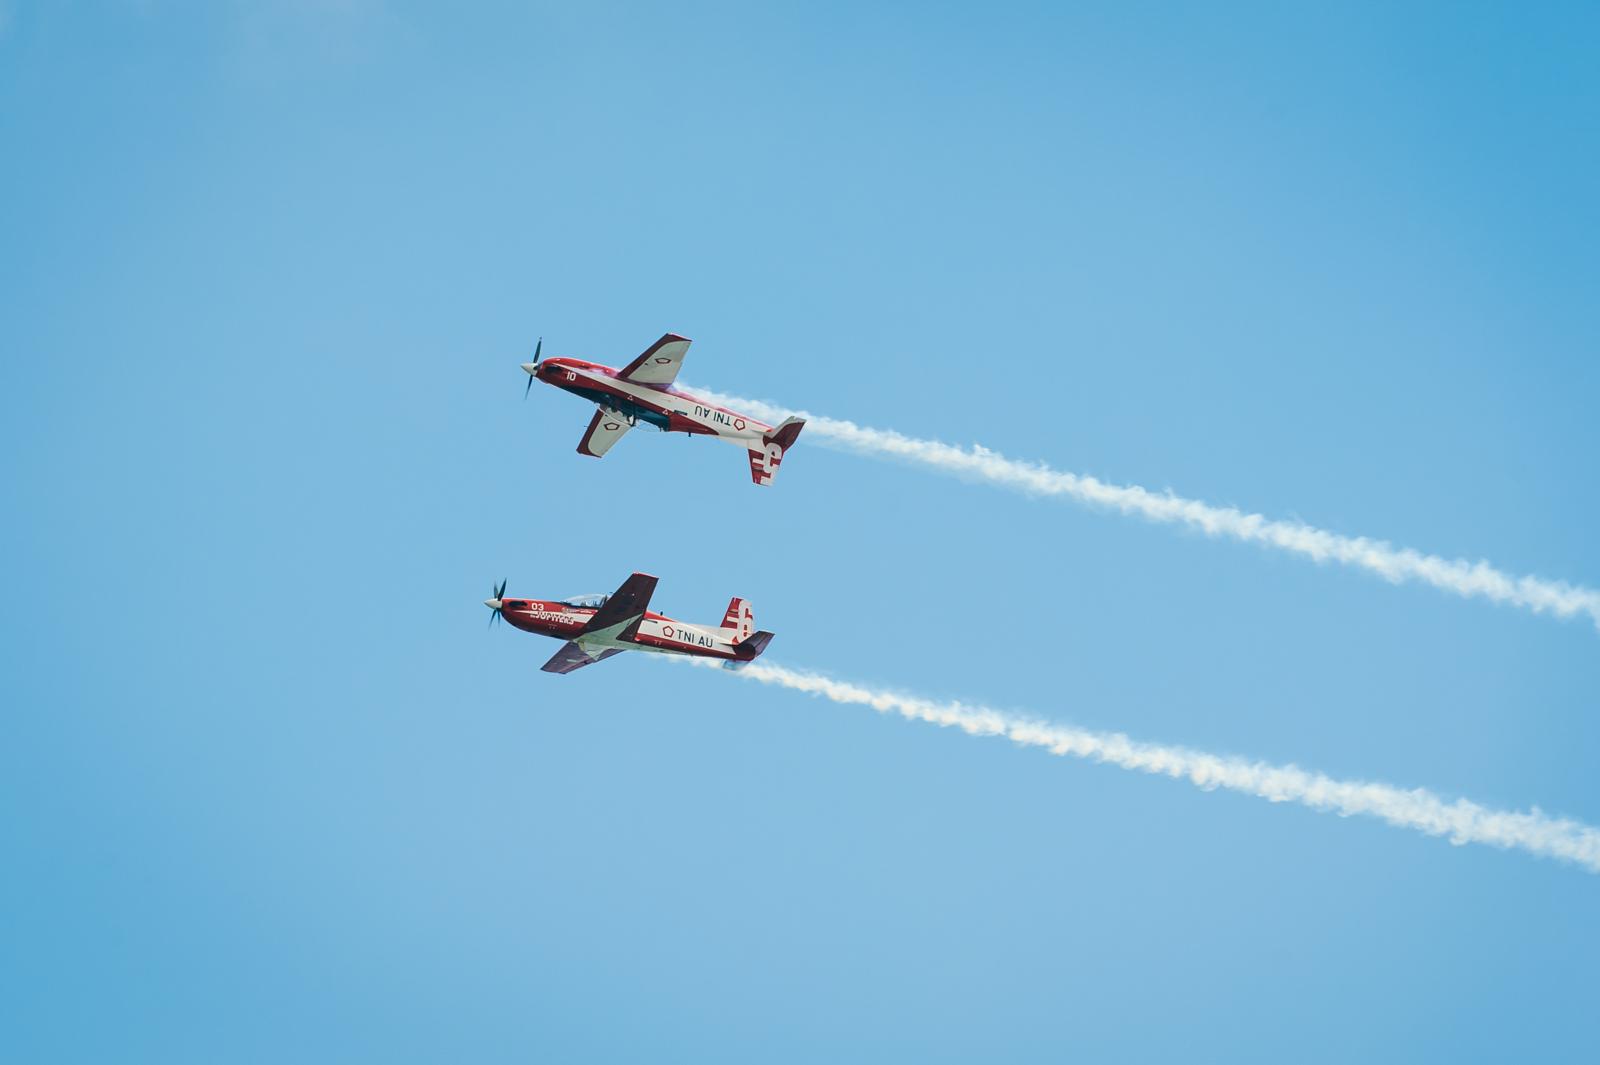 Singapore Airshow #91